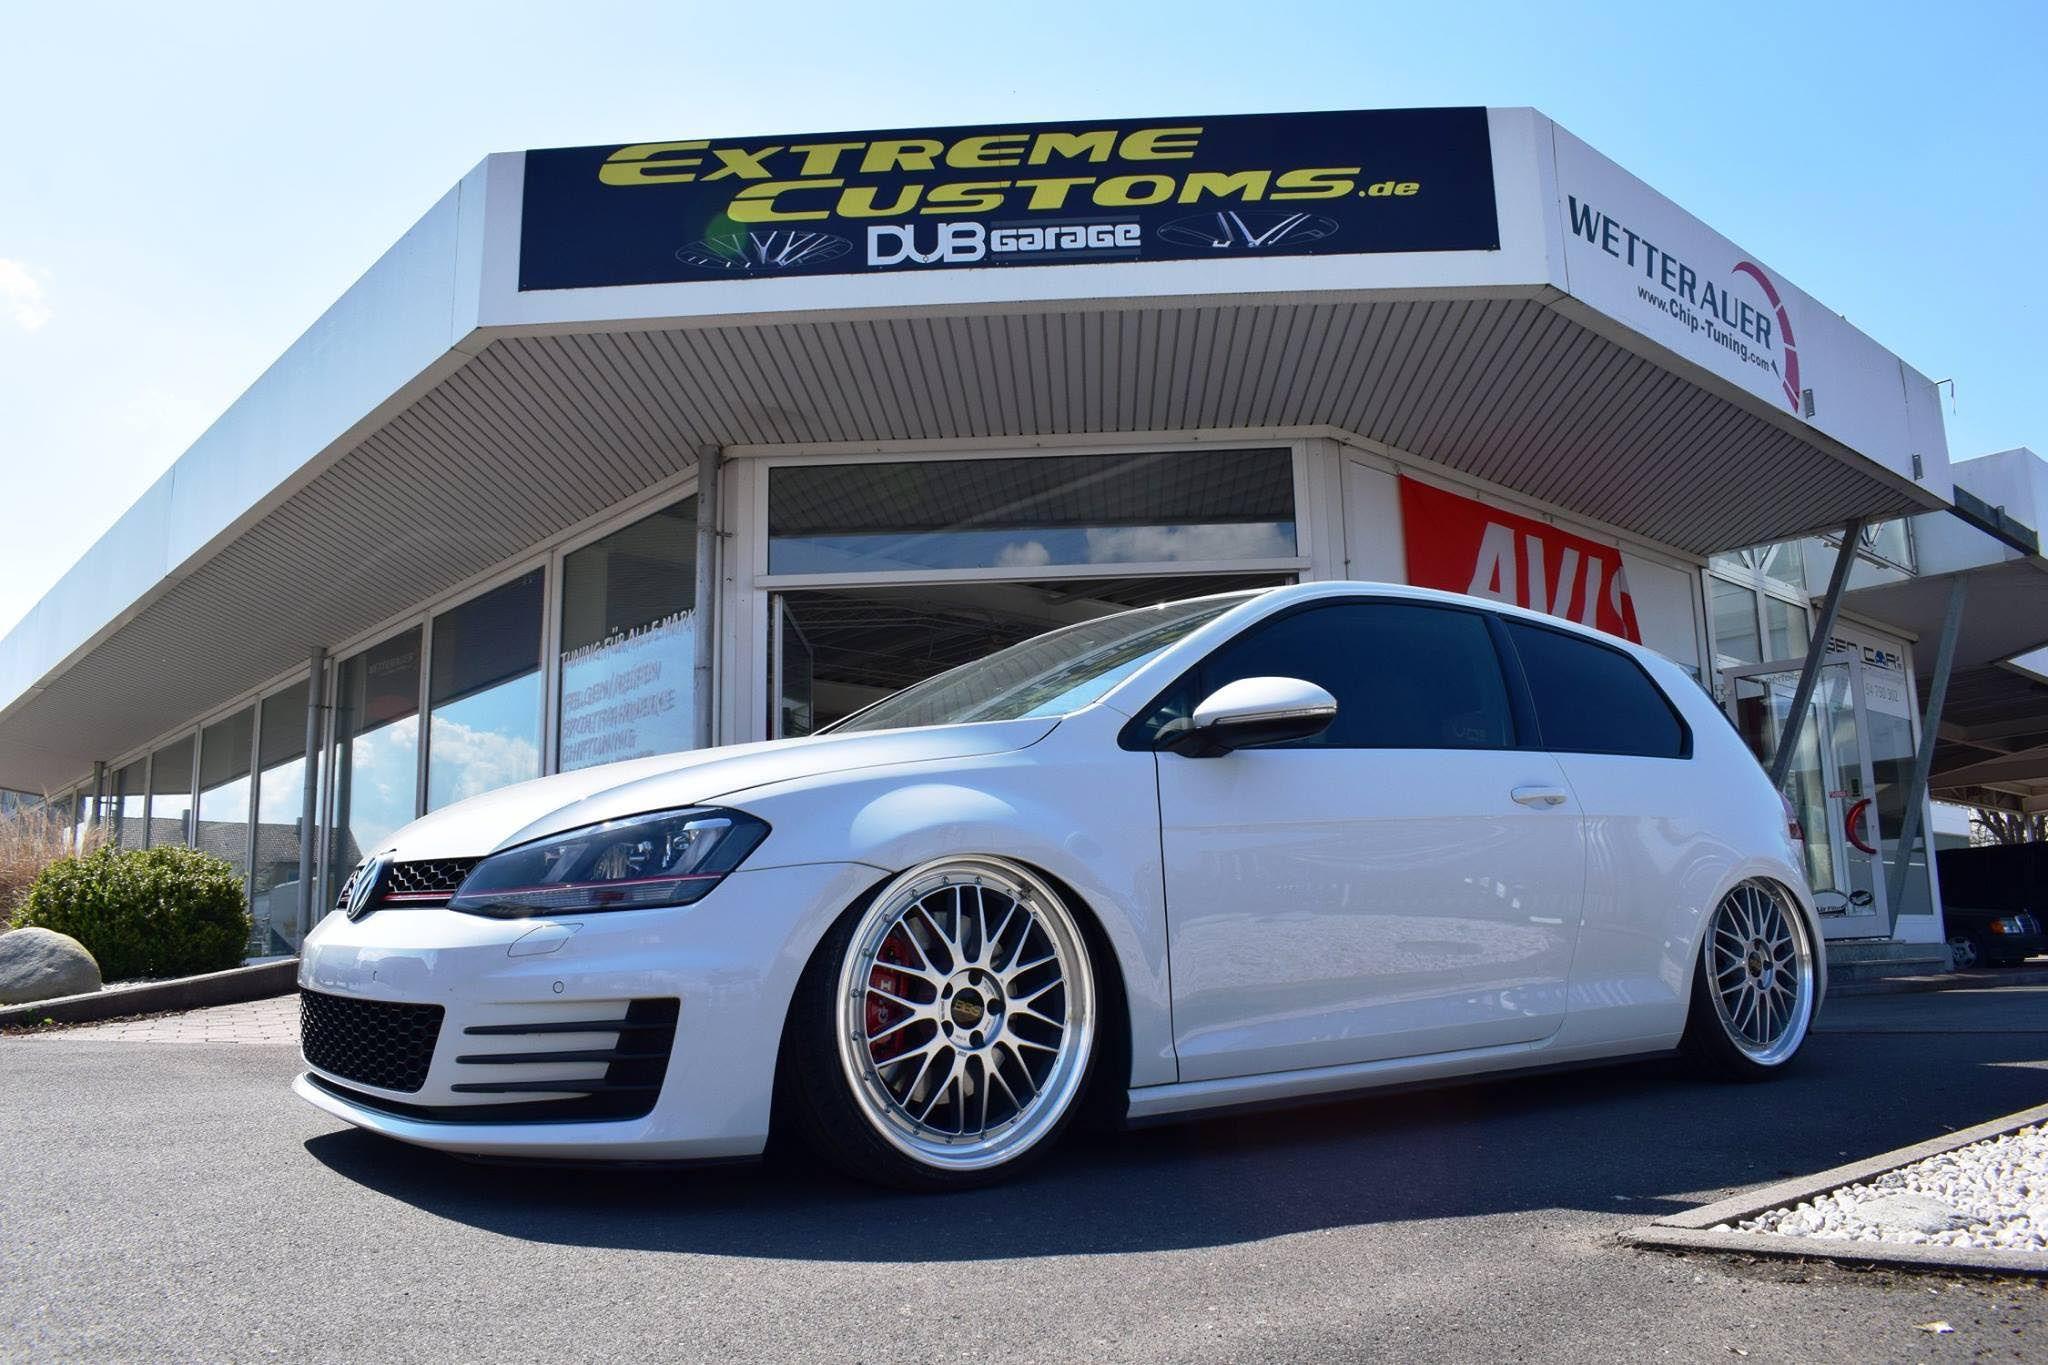 Volkswagen Golf Gti 7 White Bbs Lm Wheel Front Golf Gti Volkswagen Golf Gti Gti